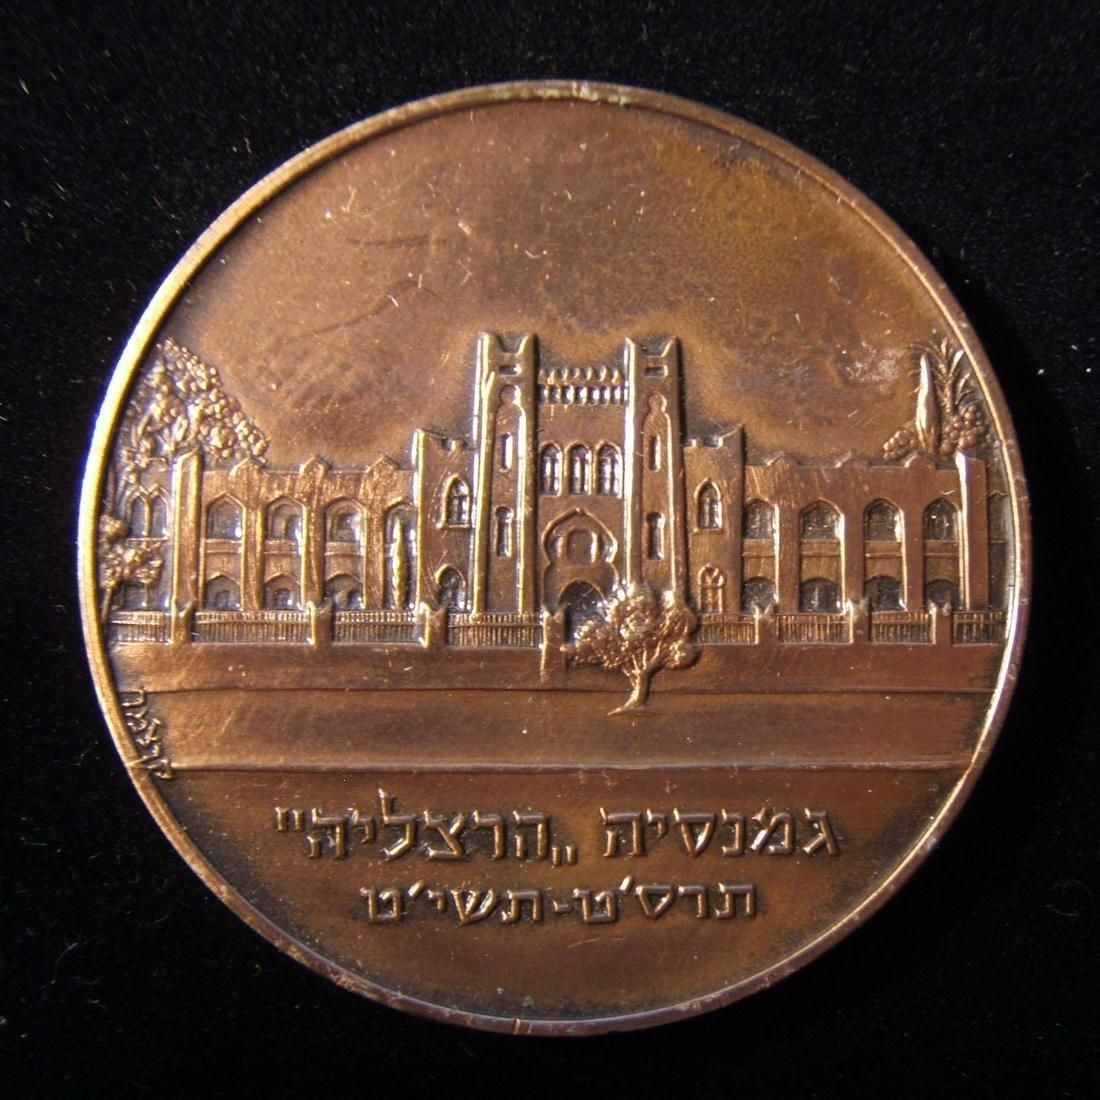 Israeli Gymnasia Herzliya 50th anniversary bronze medal